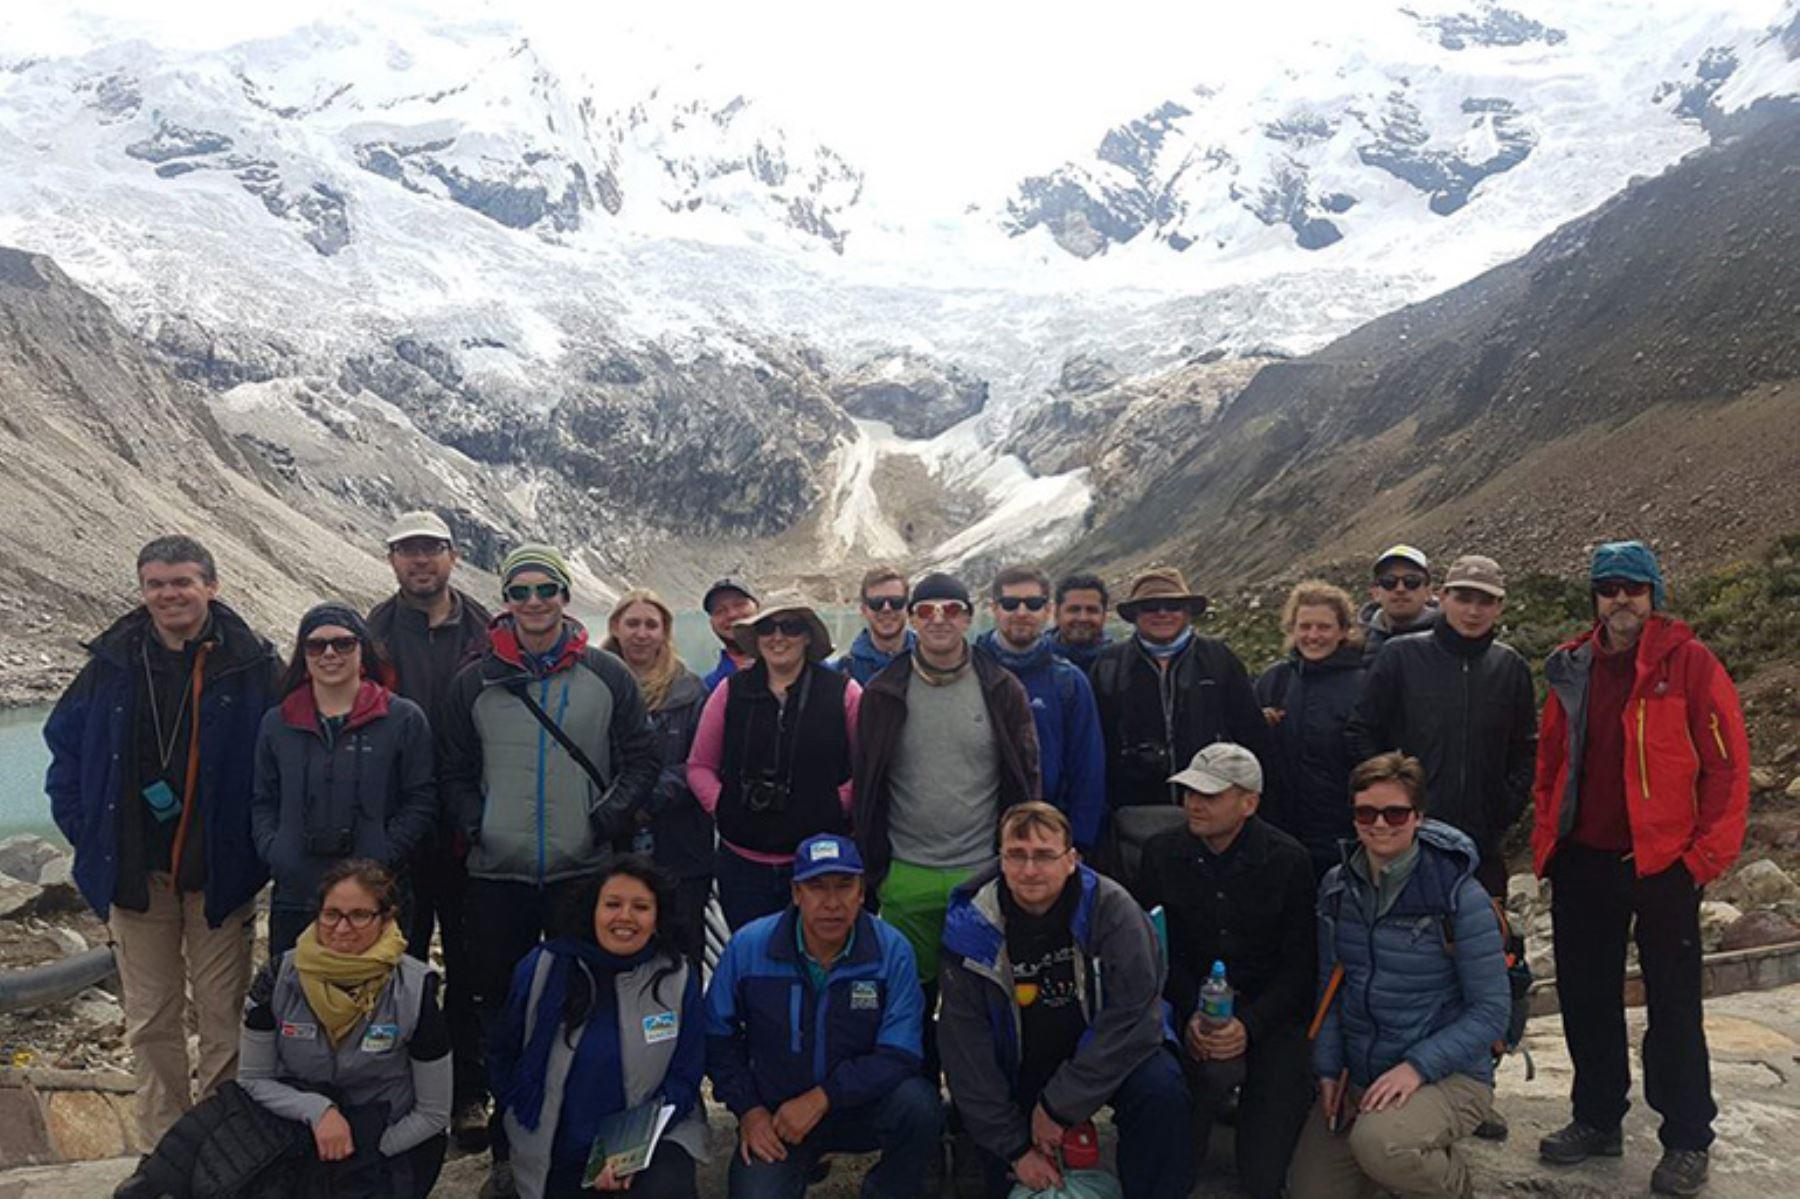 Científicos británicos visitaron glaciares ubicados en el Callejón de Huaylas, en Áncash, Perú. Foto: Revista Stakeholders